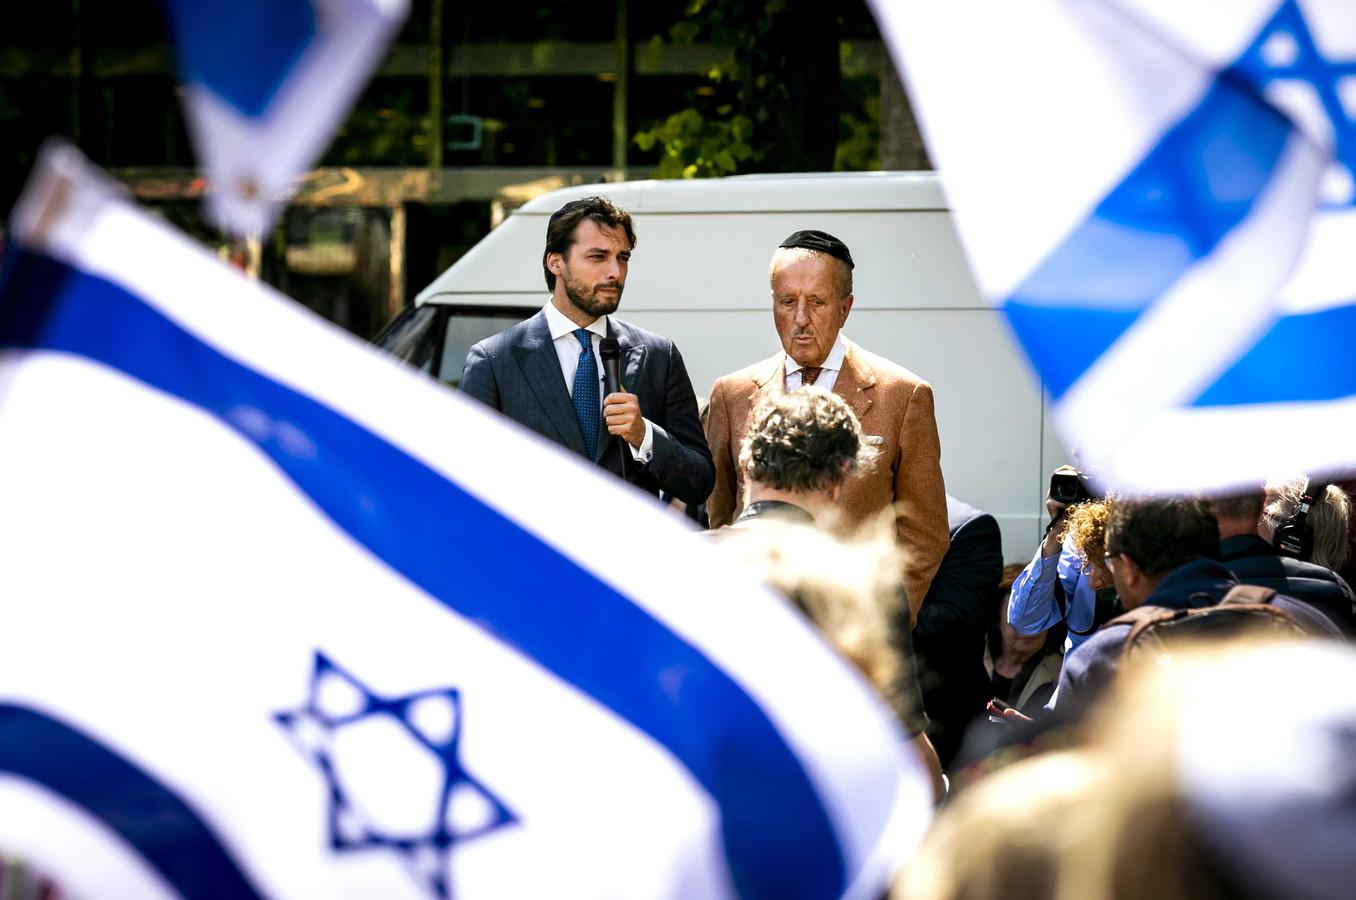 Thierry Baudet en Theo Hiddema van Forum voor Democratie tijdens een demonstratie van het Centrum Informatie en Documentatie Israel (CIDI) eind mei.